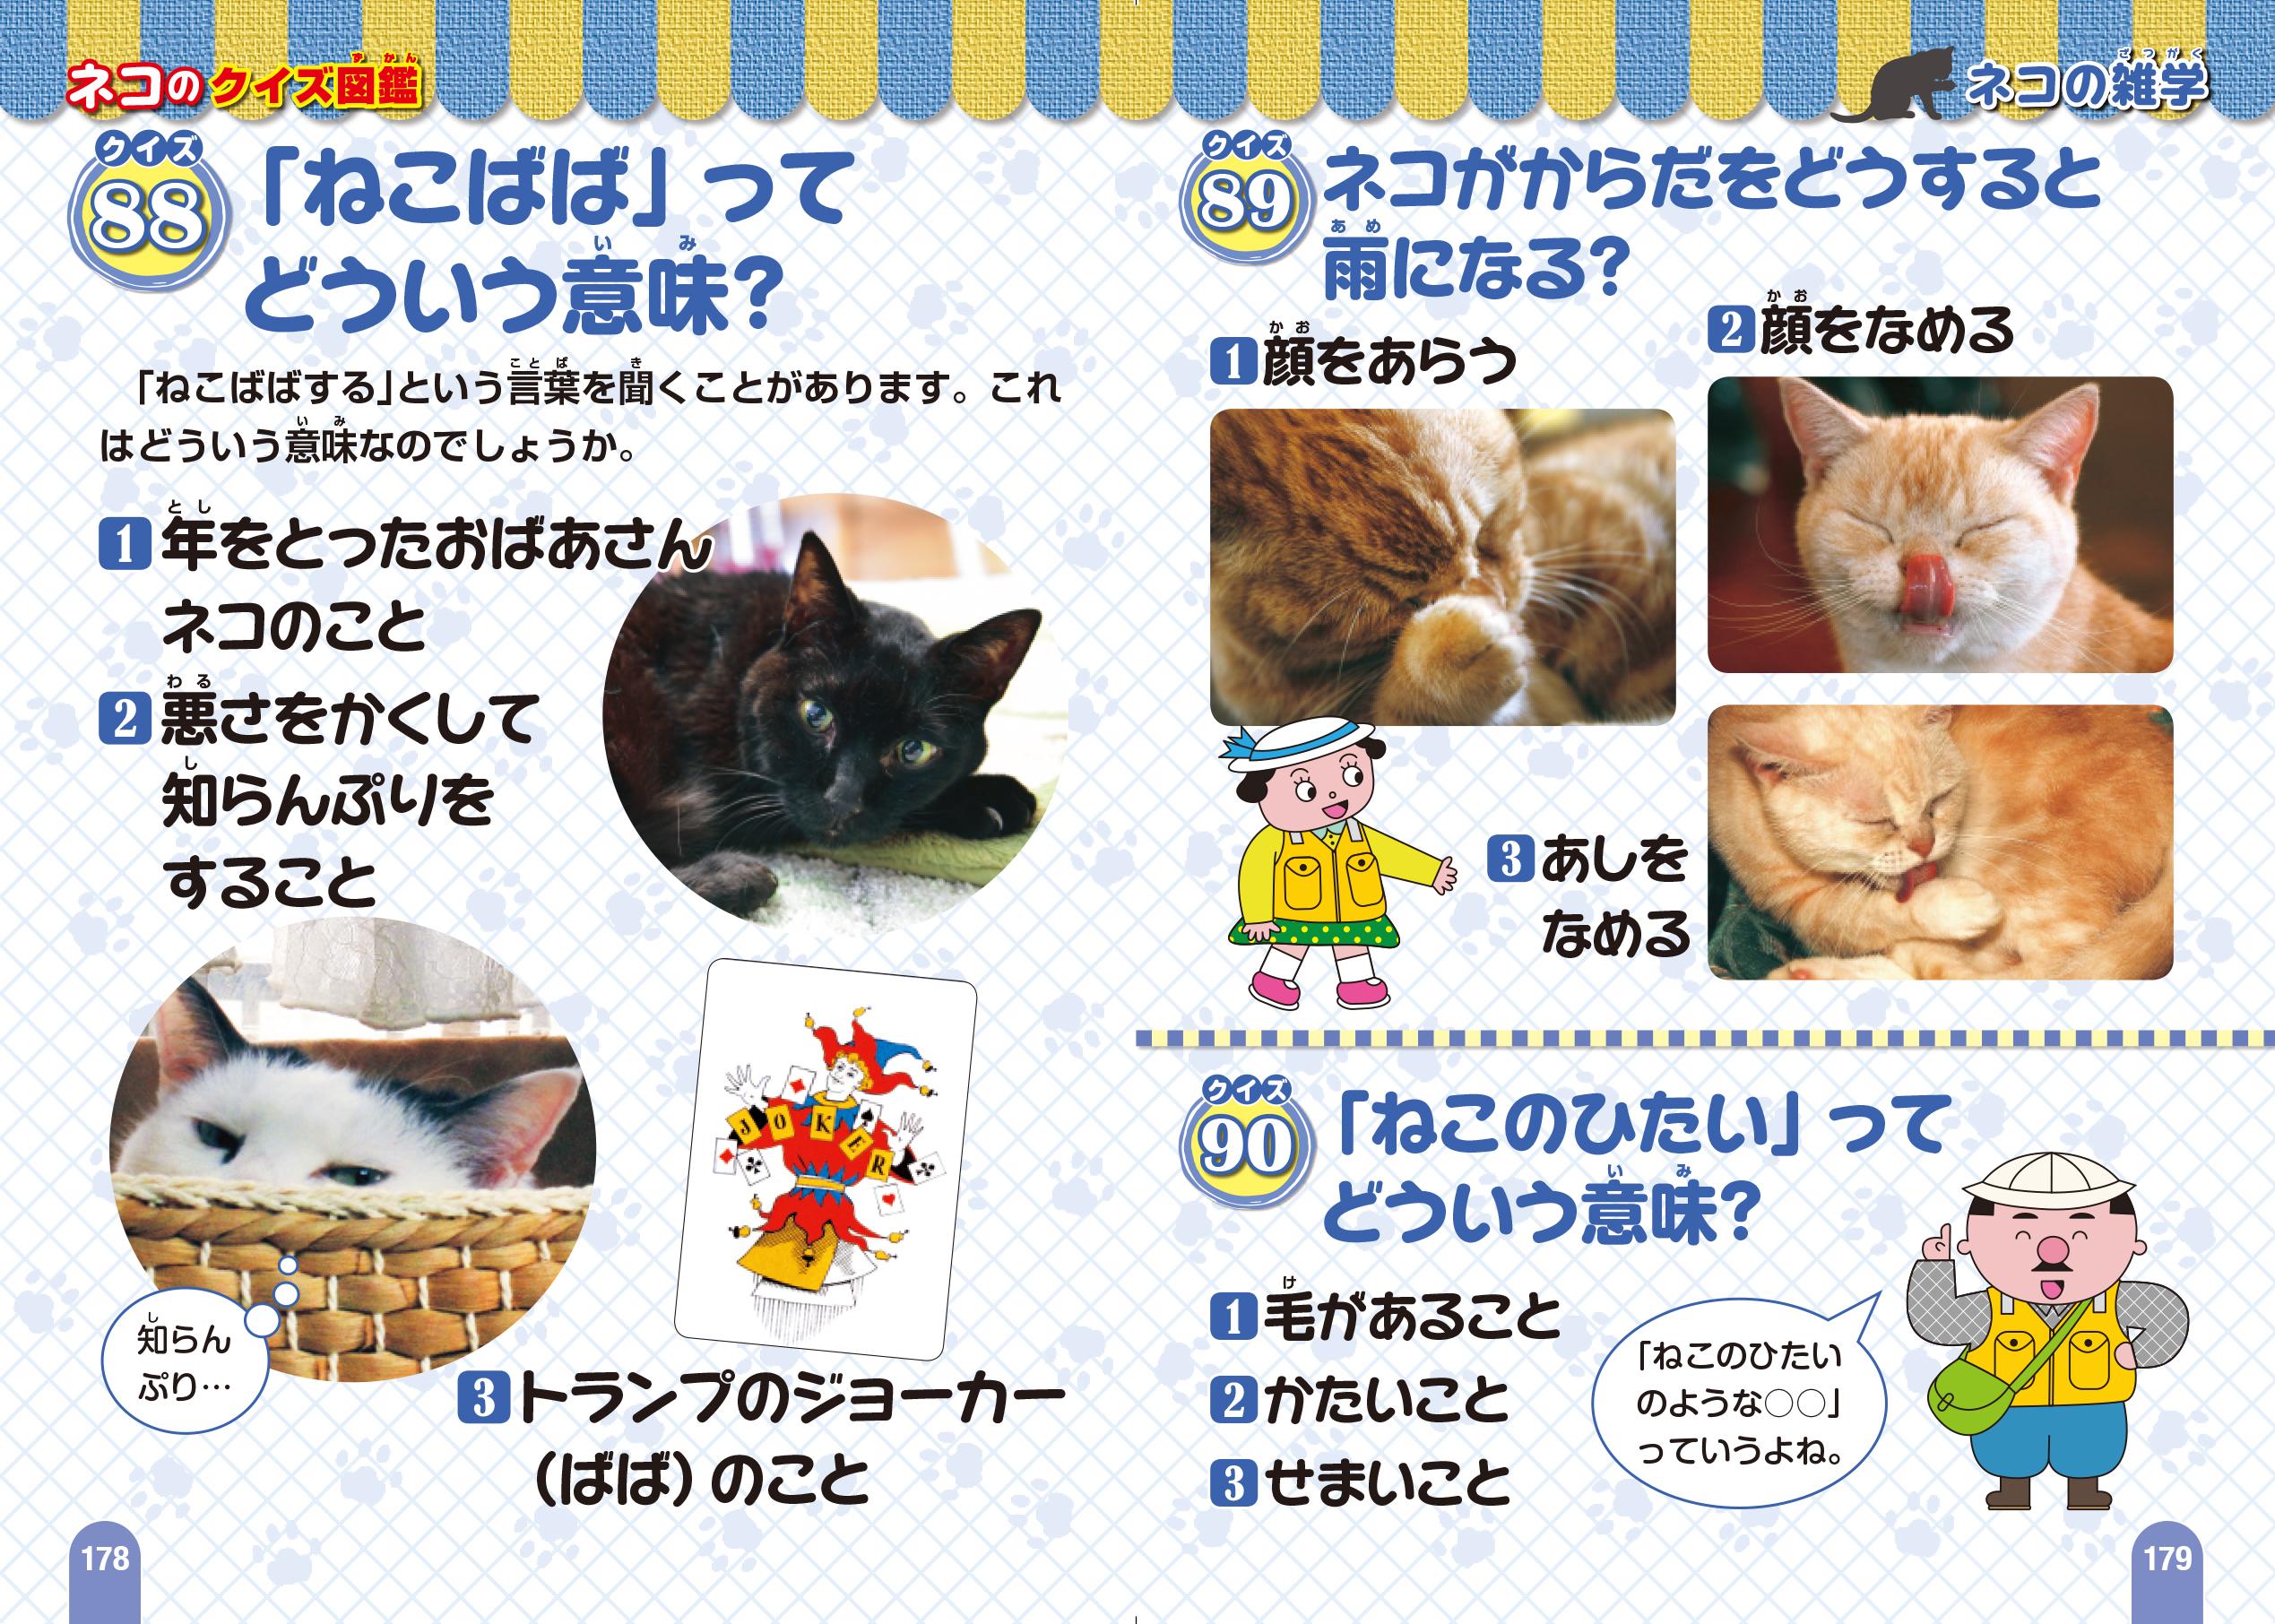 「ネコがもっと好きになる! おもしろ雑学」紙面